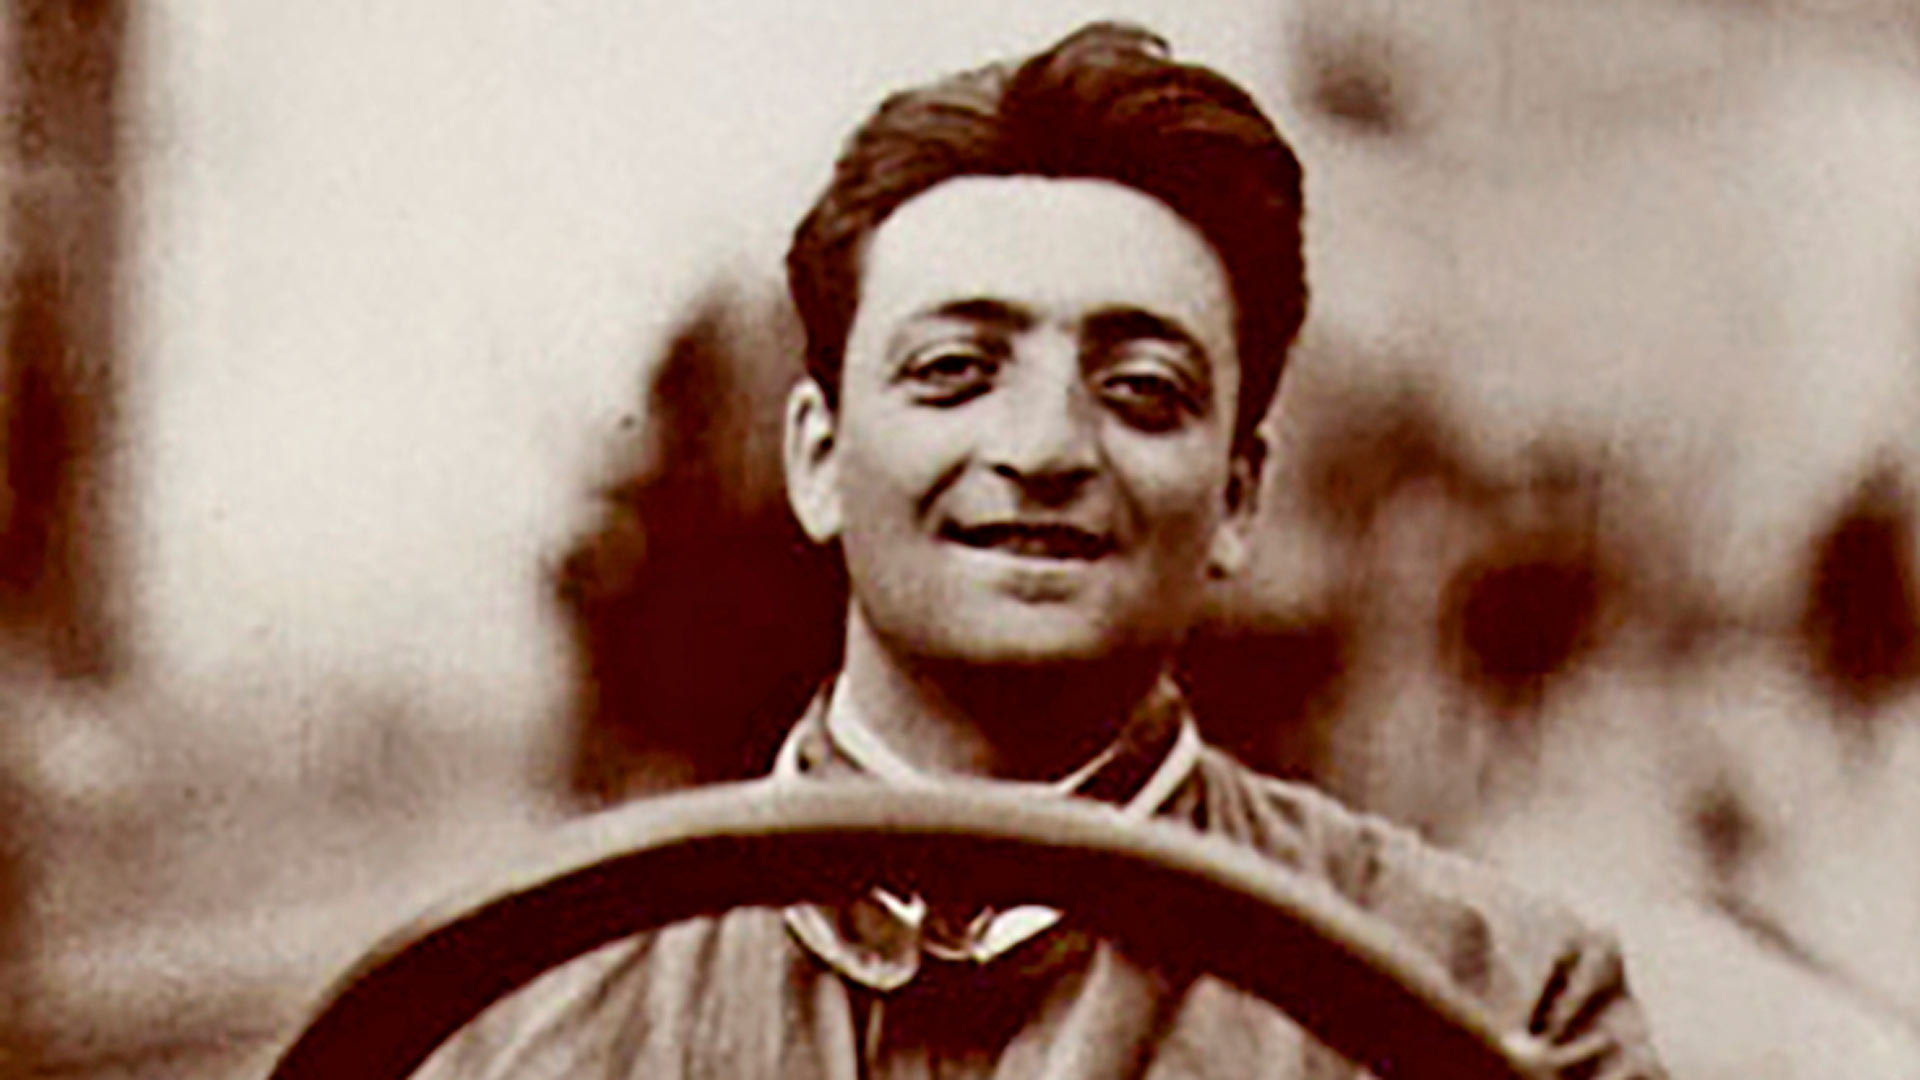 Nuori Enzo Ferrari kuului 1920-luvun alkupuolen parhaimpiin kilpa-ajajiin. Hän perusti Ferrari-tehtaan, jonka autot ovat olleet mukana F-1 -kisassa tauotta vuodesta 1947 asti.